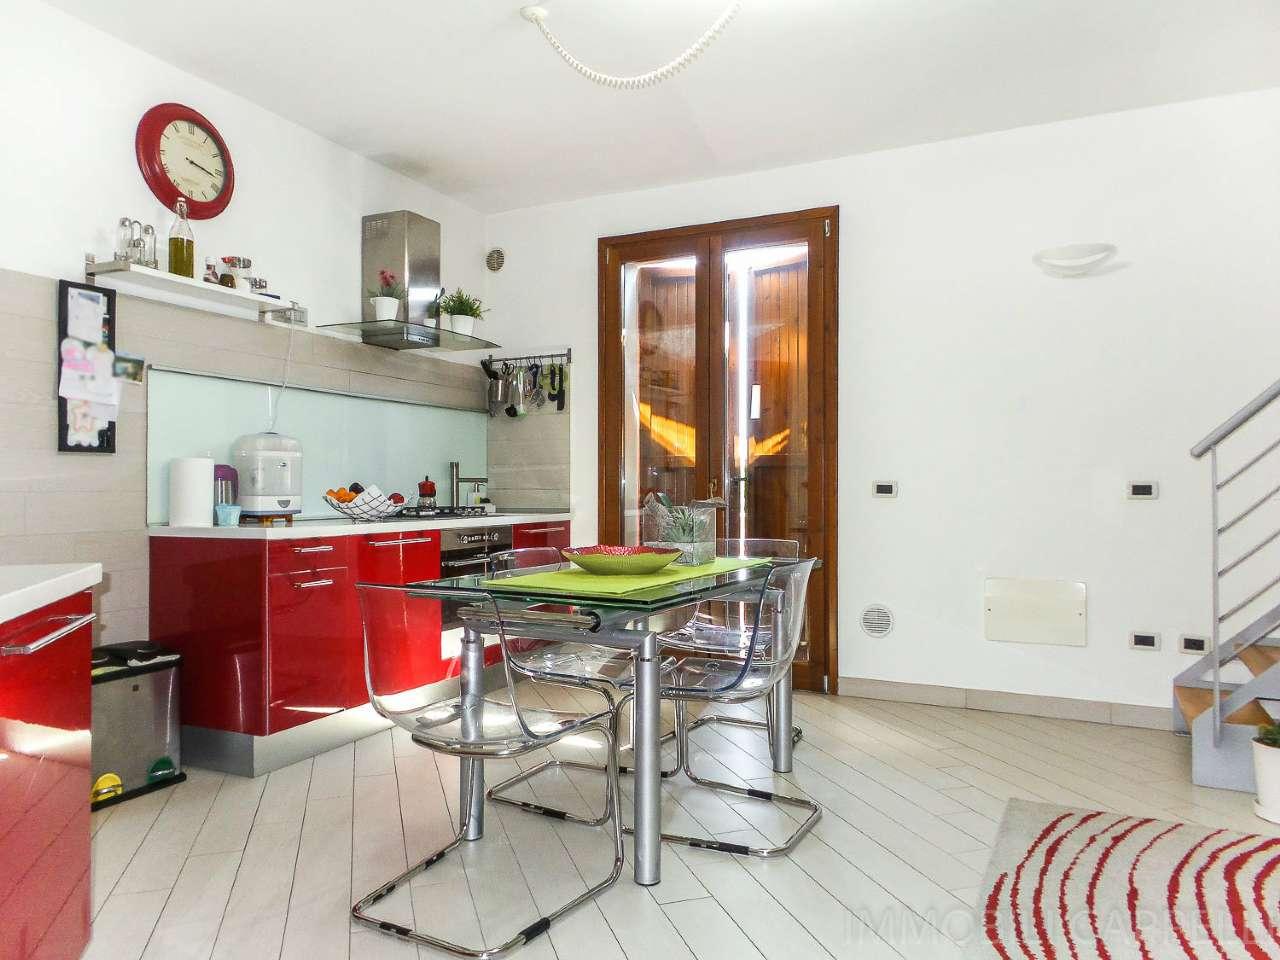 Appartamento in vendita a Forlimpopoli, 3 locali, prezzo € 149.000 | CambioCasa.it